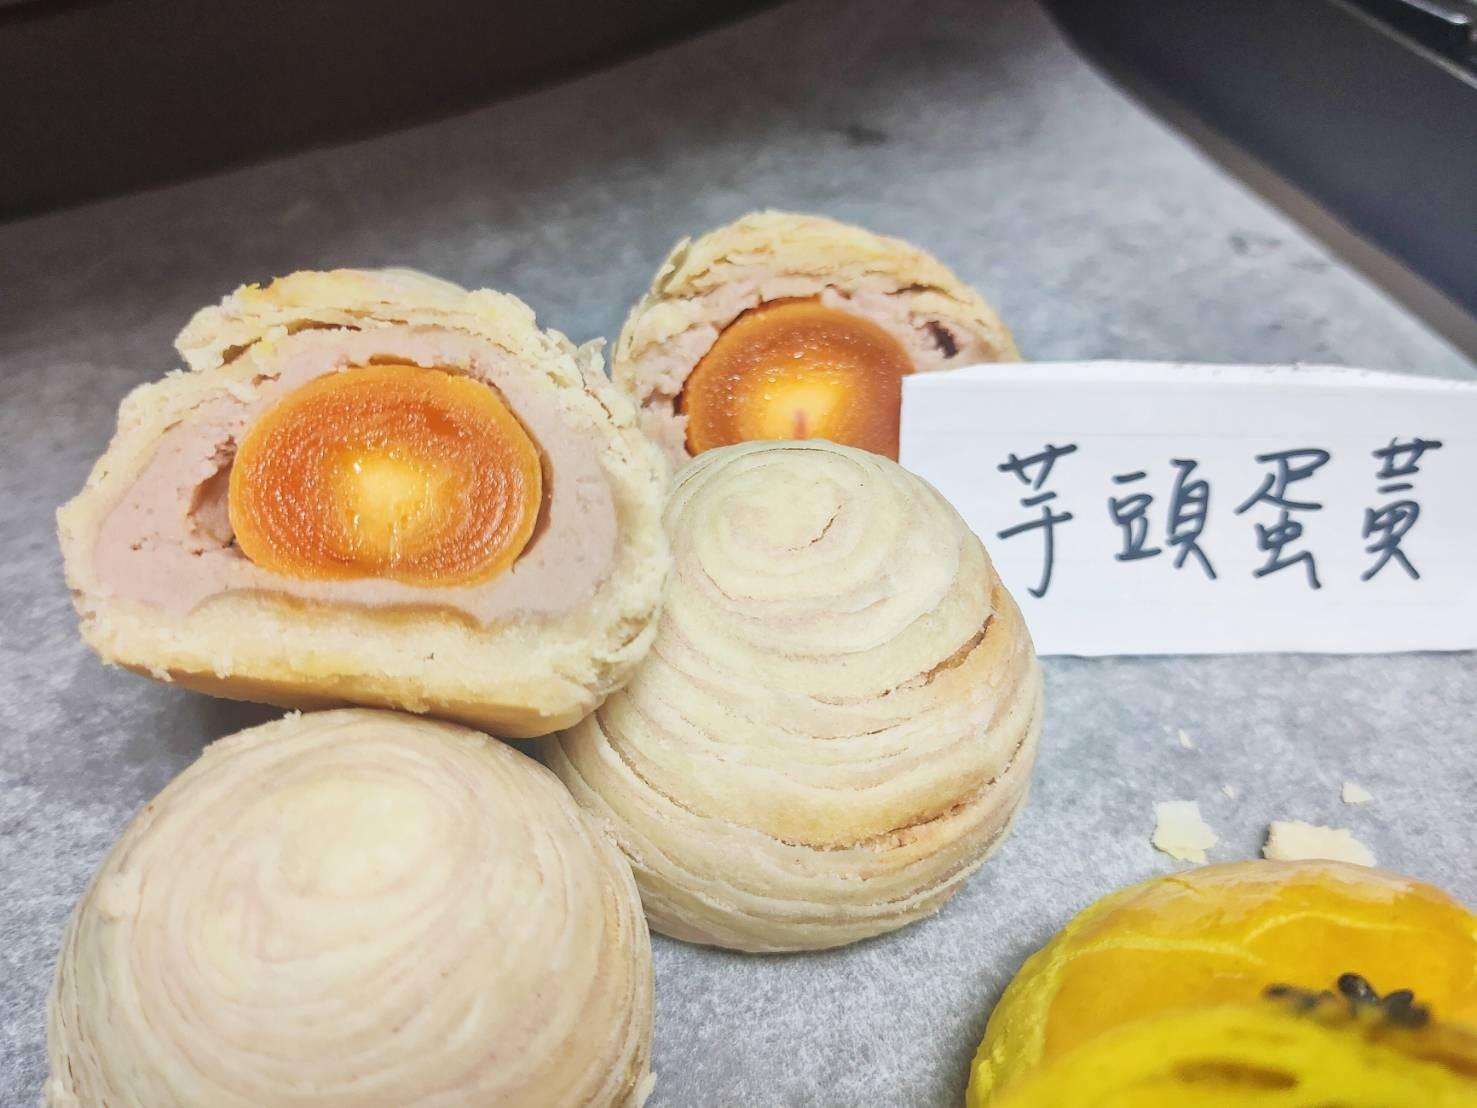 芋頭蛋黃酥1入